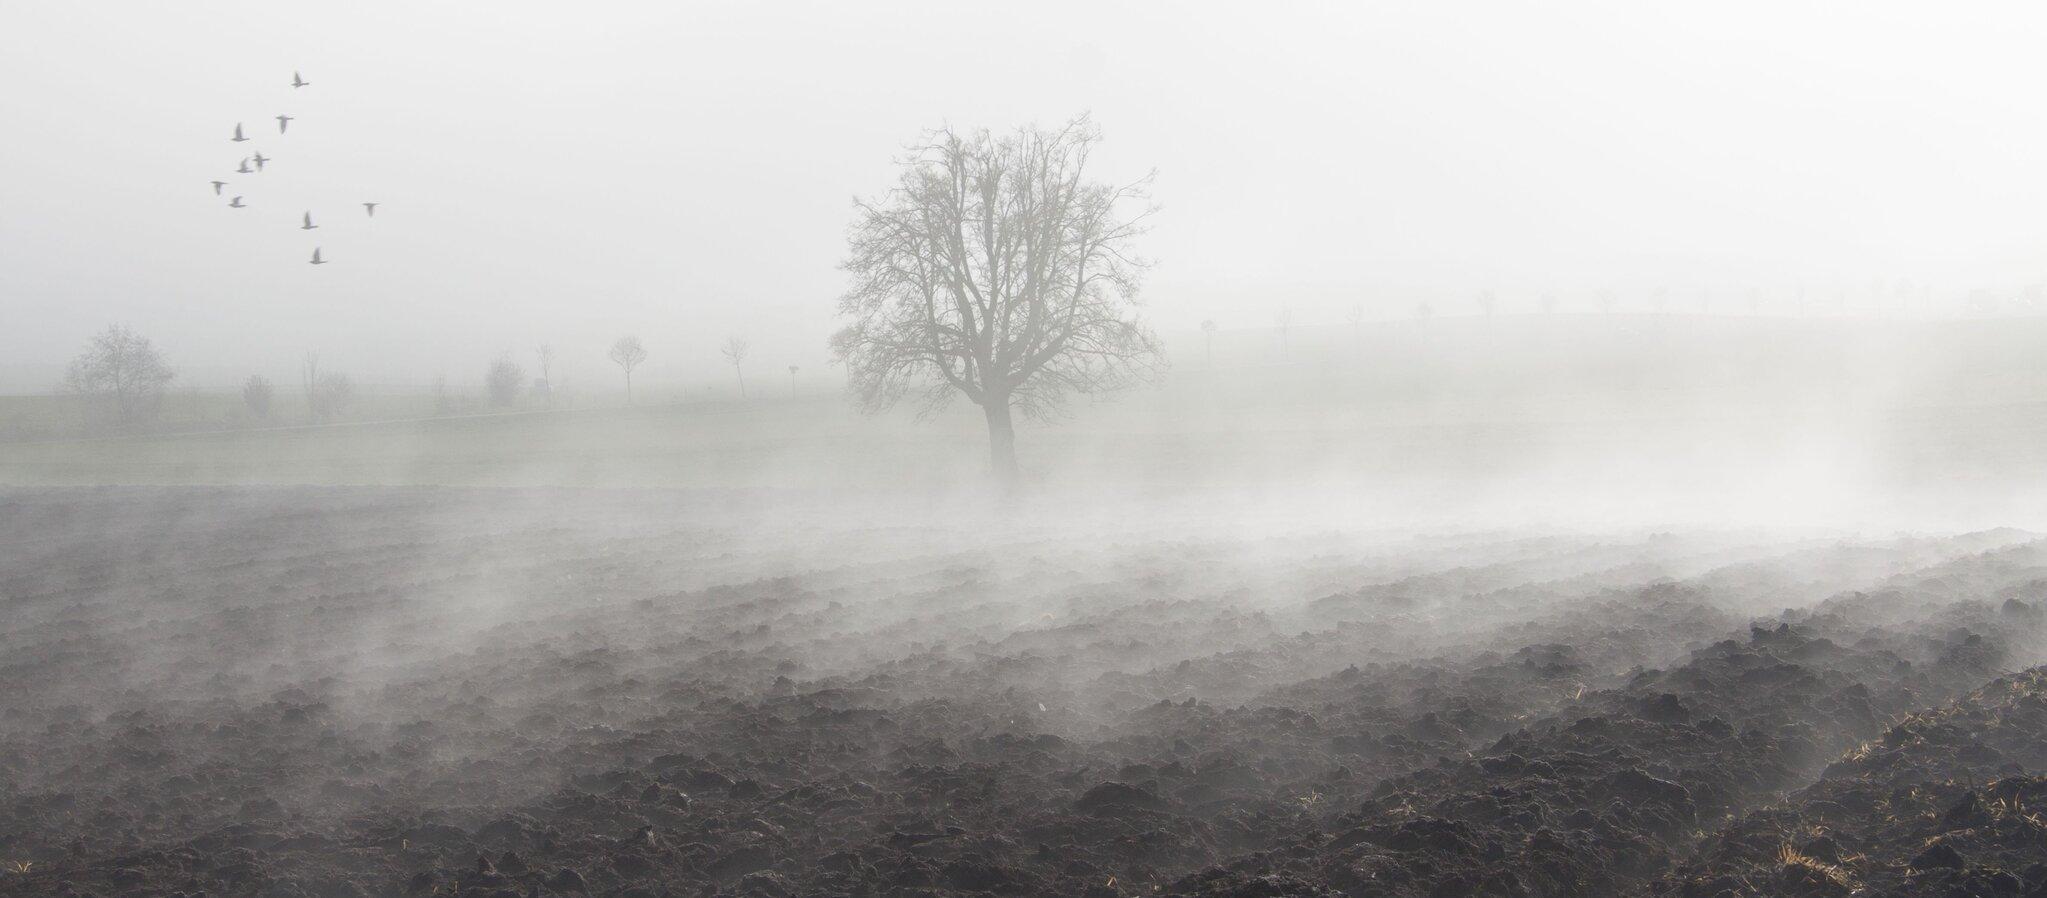 Mgła - stan między istnieniem anieistnieniem Źródło: Mgła - stan między istnieniem anieistnieniem, licencja: CC 0.